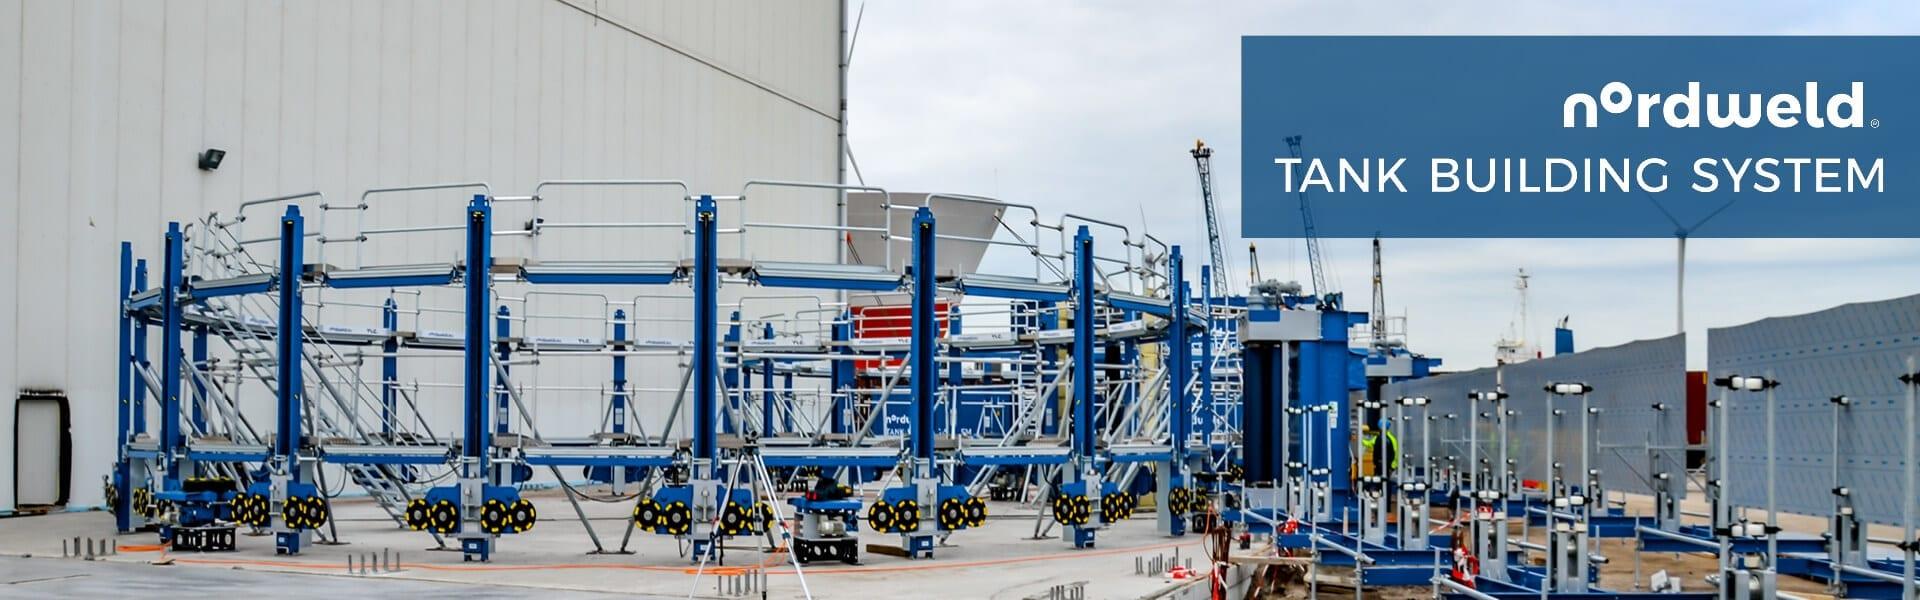 Nordweld - budowa zbiorników wielkogabarytowych